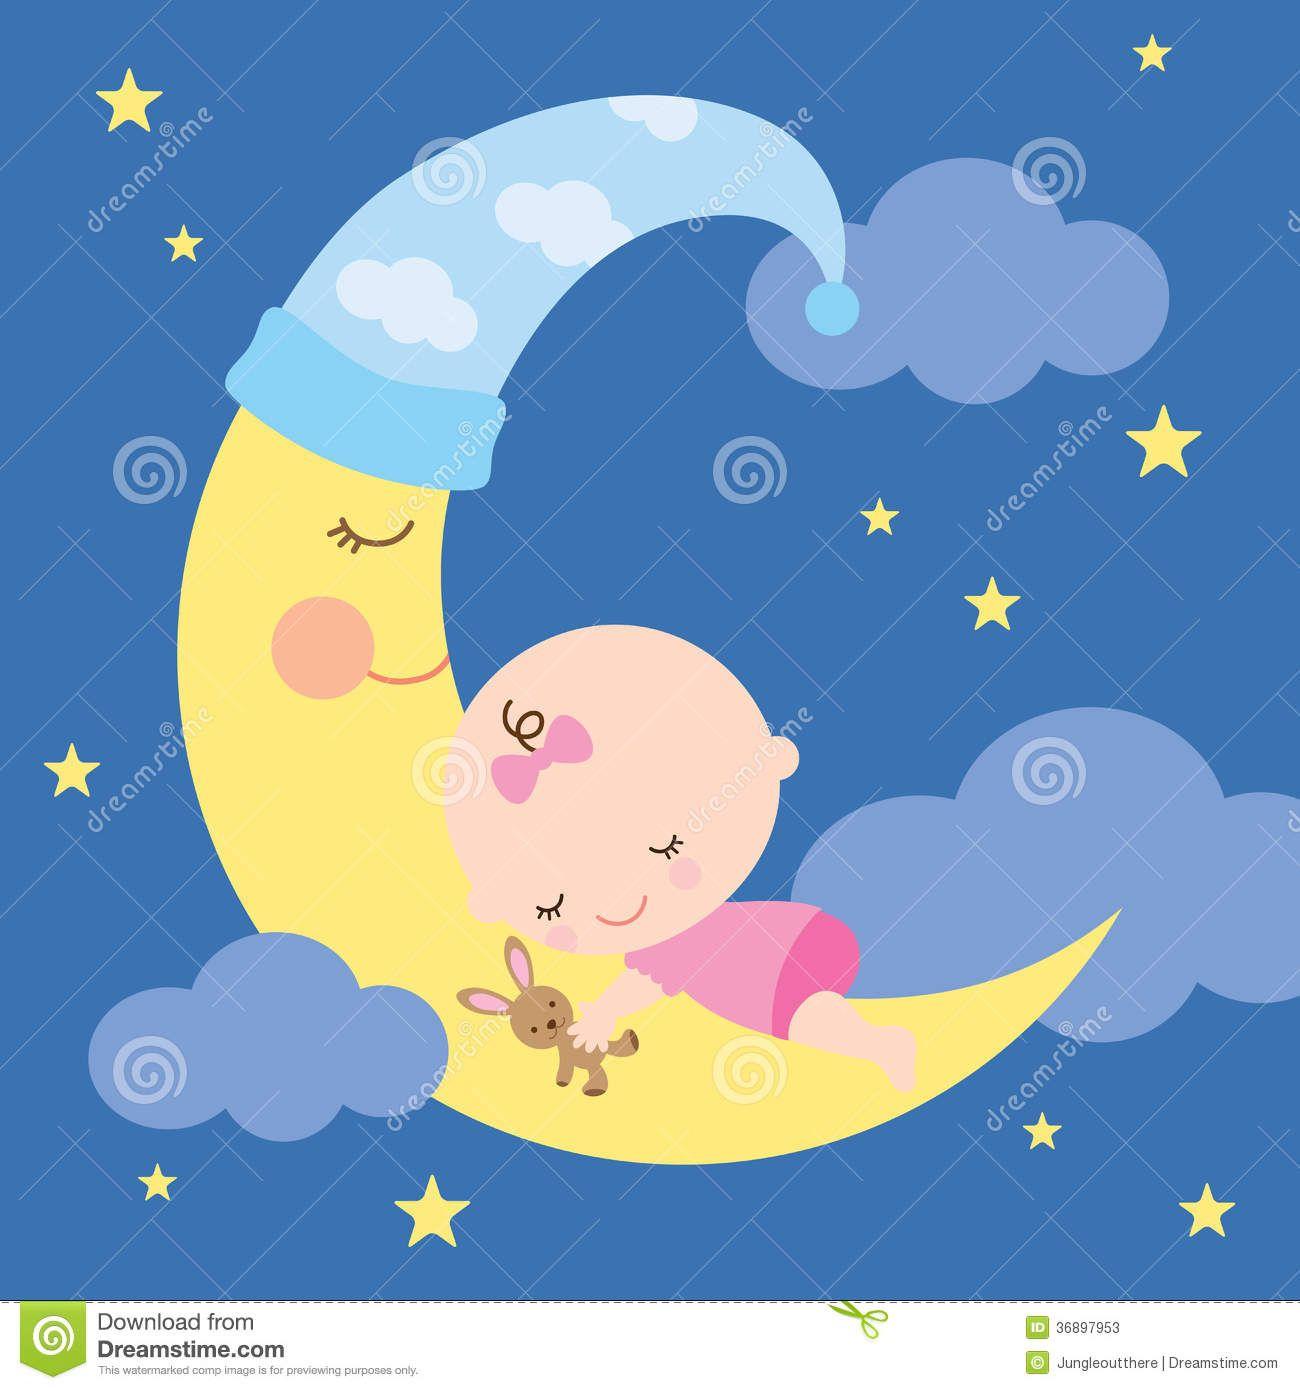 Baby sleeping moon.